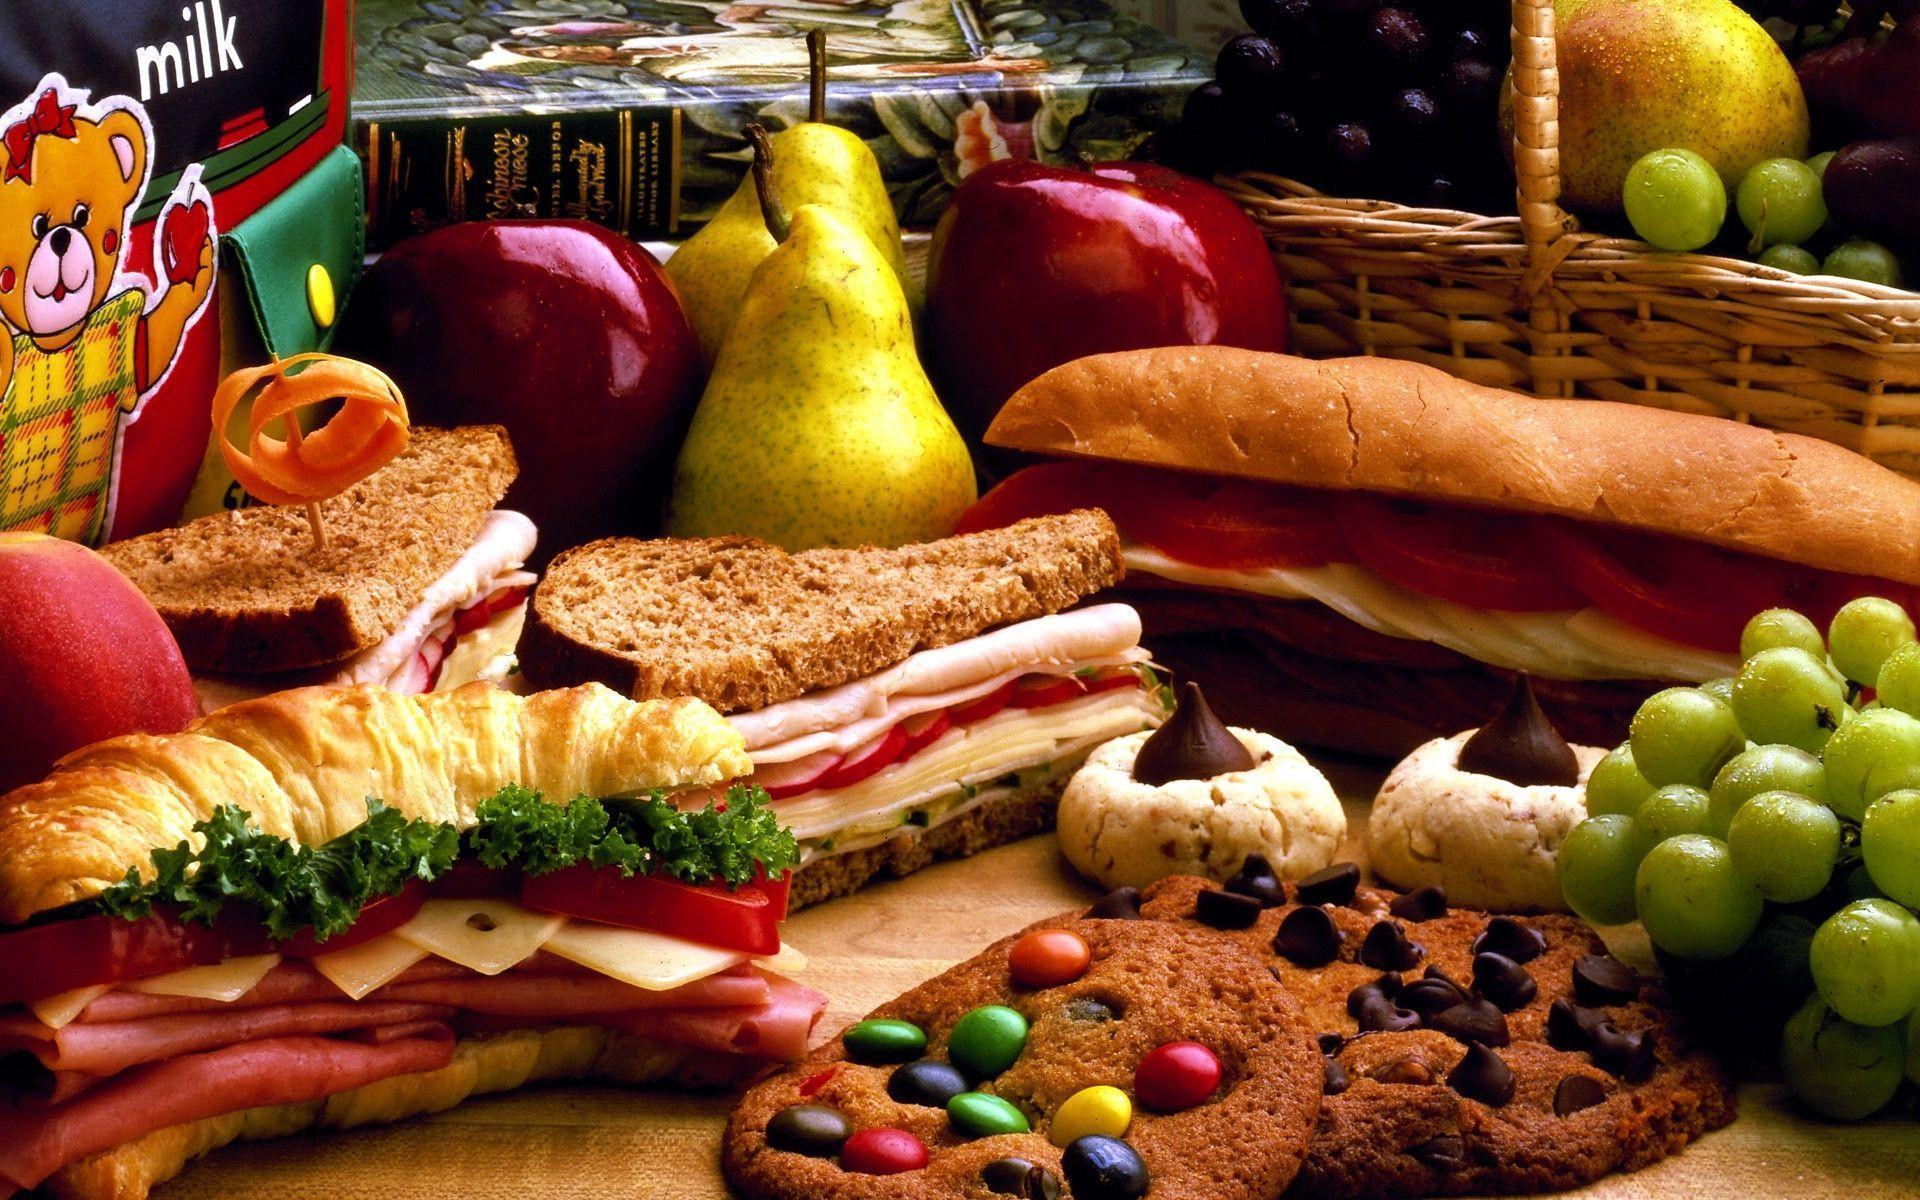 Food Desktop Wallpapers   Top Food Desktop Backgrounds 1920x1200